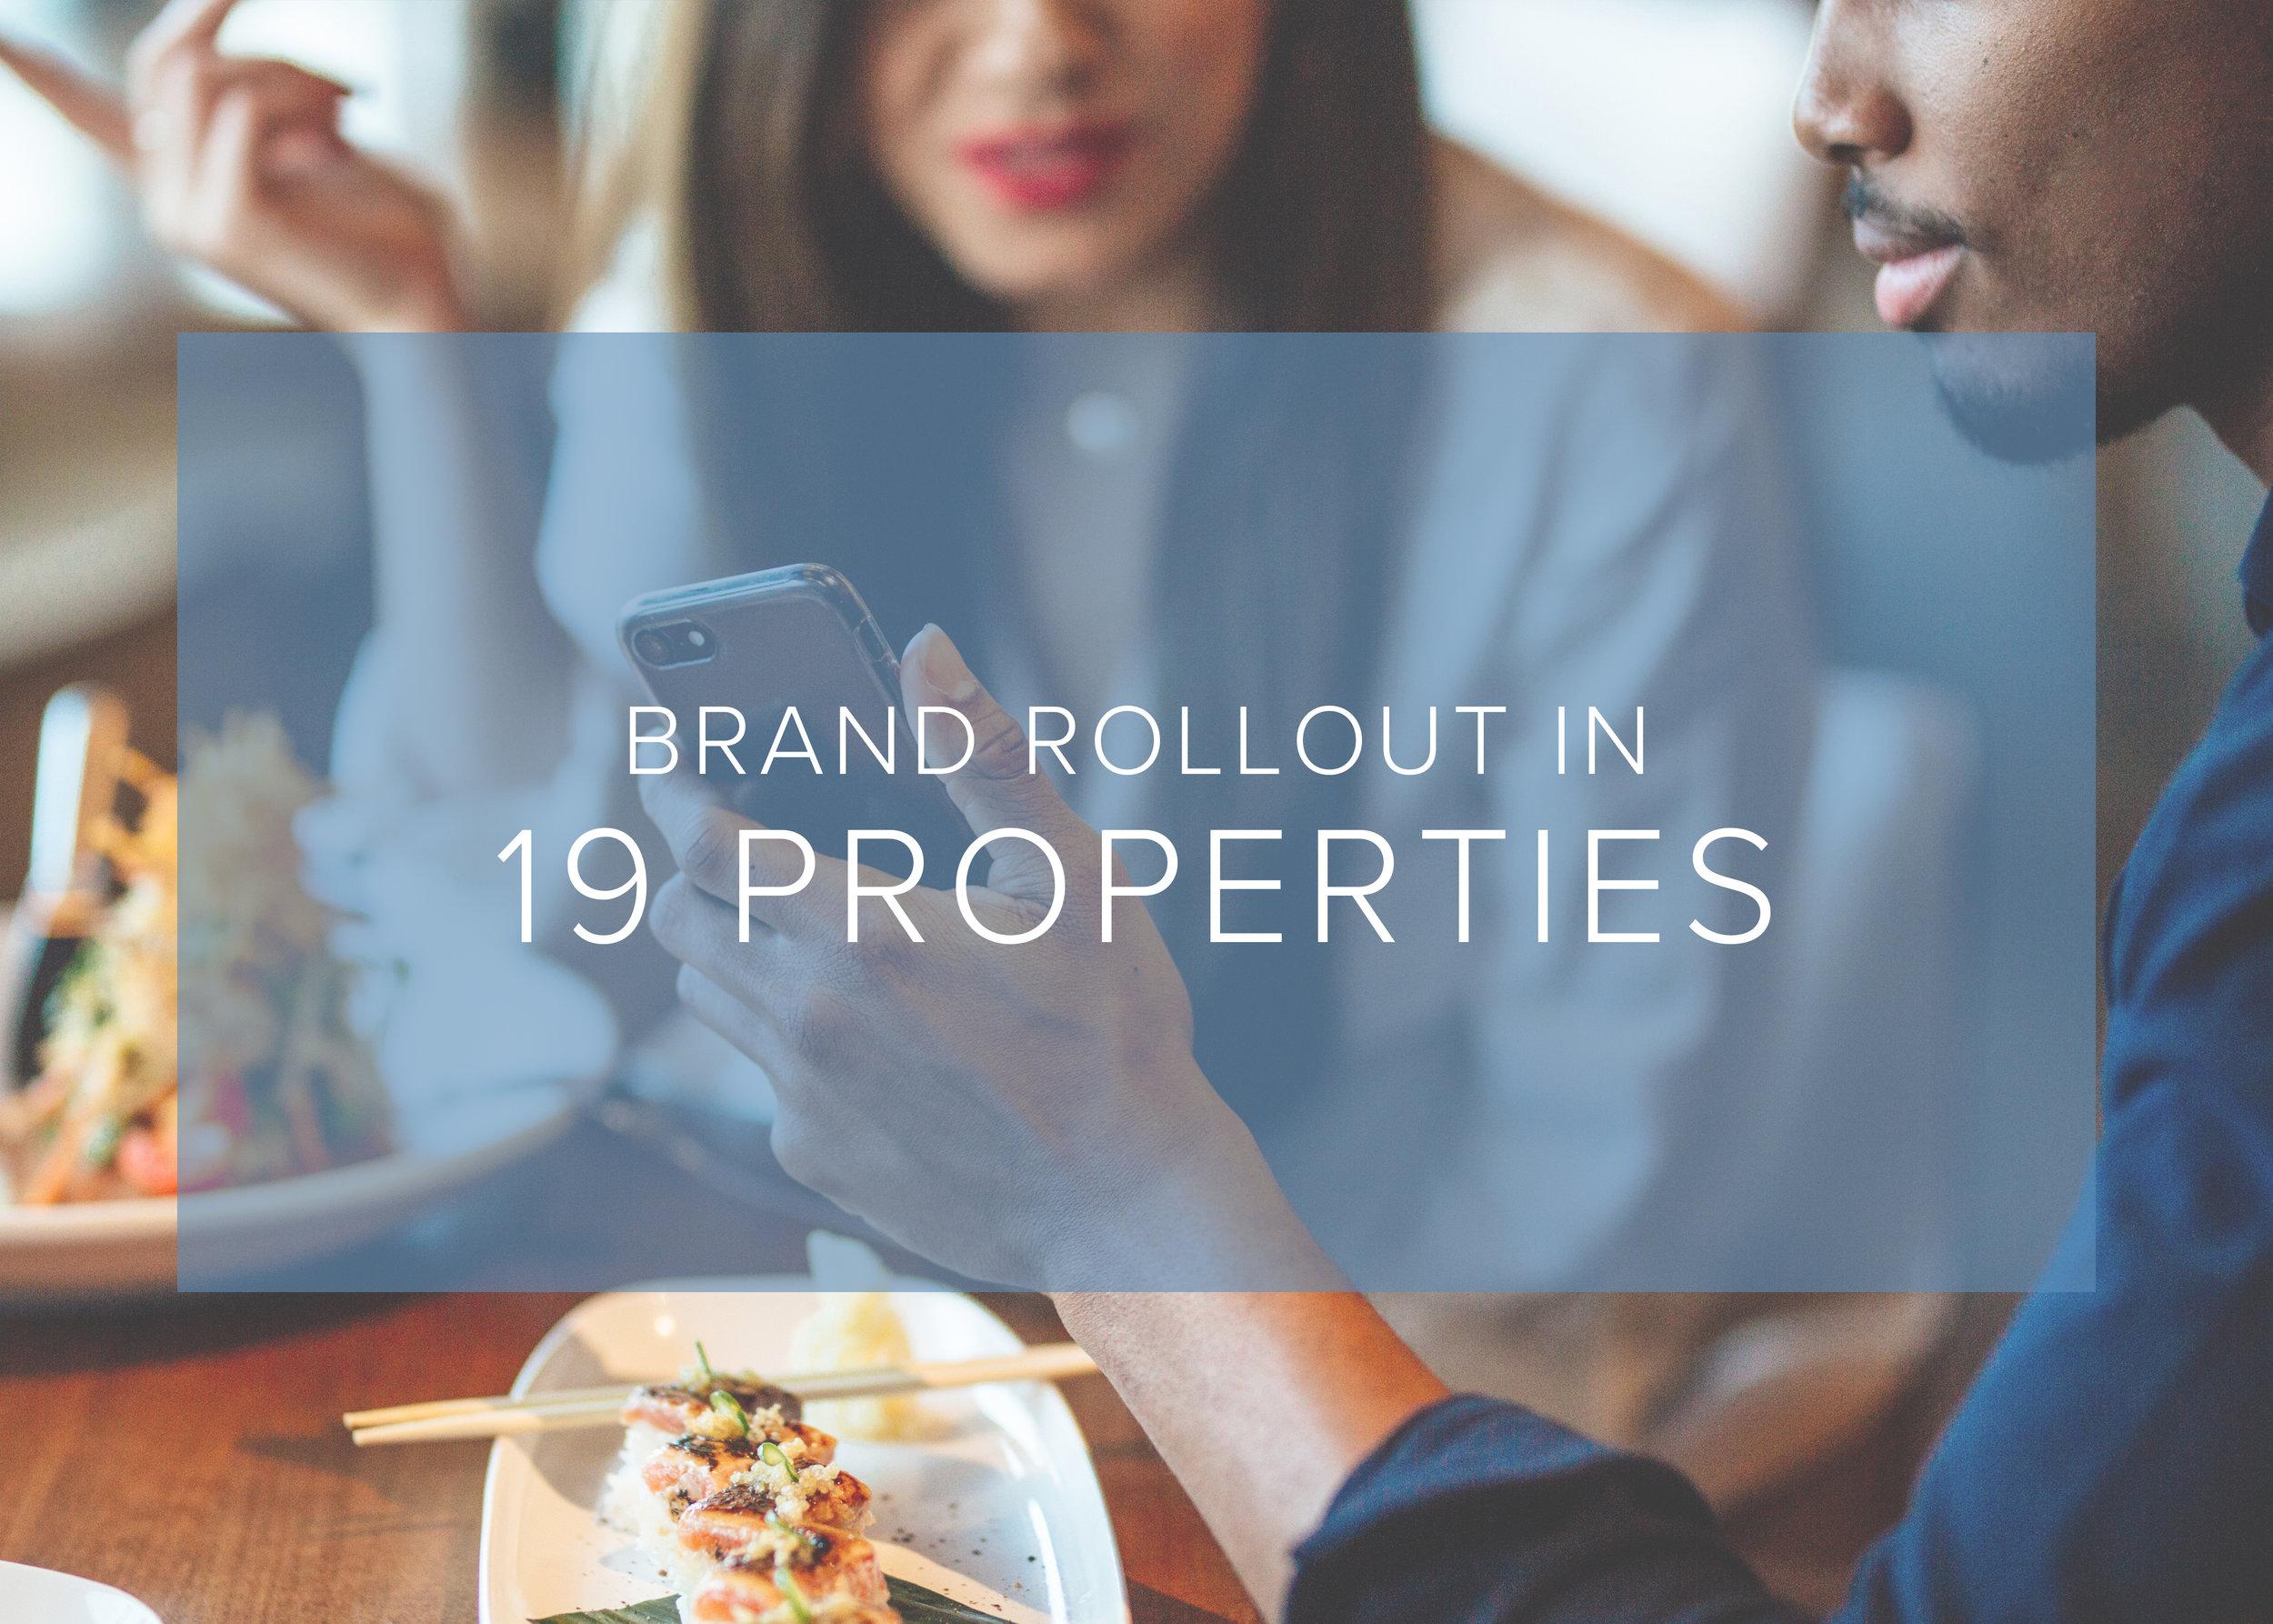 19 Properties Statistic